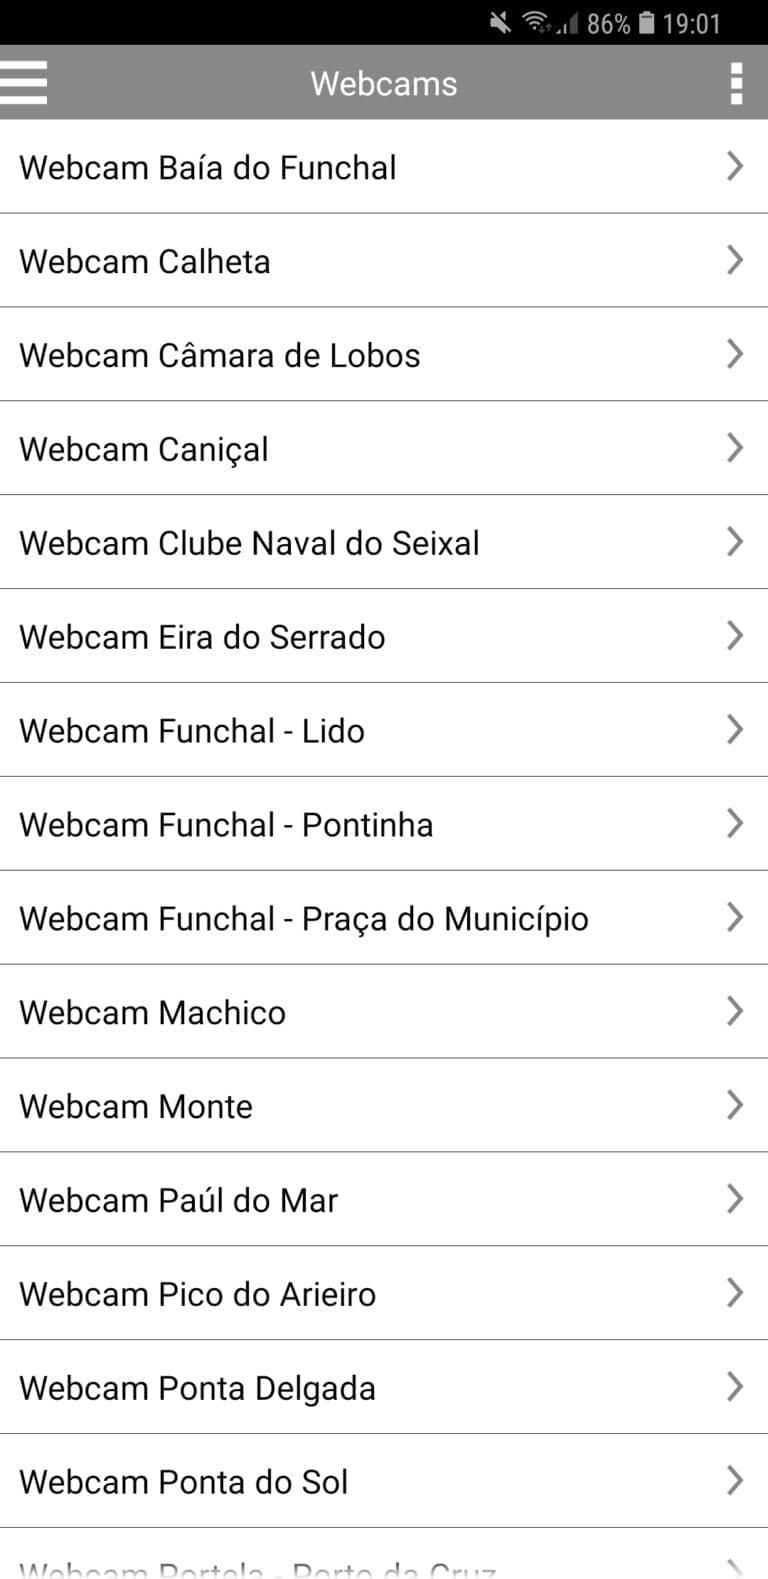 Madeira Island webcams - access them via the best weather app for Madeira Island || Kamery internetowe na Maderze - najlepsza aplikacja pogodowa na Maderze z kamerami na żywo